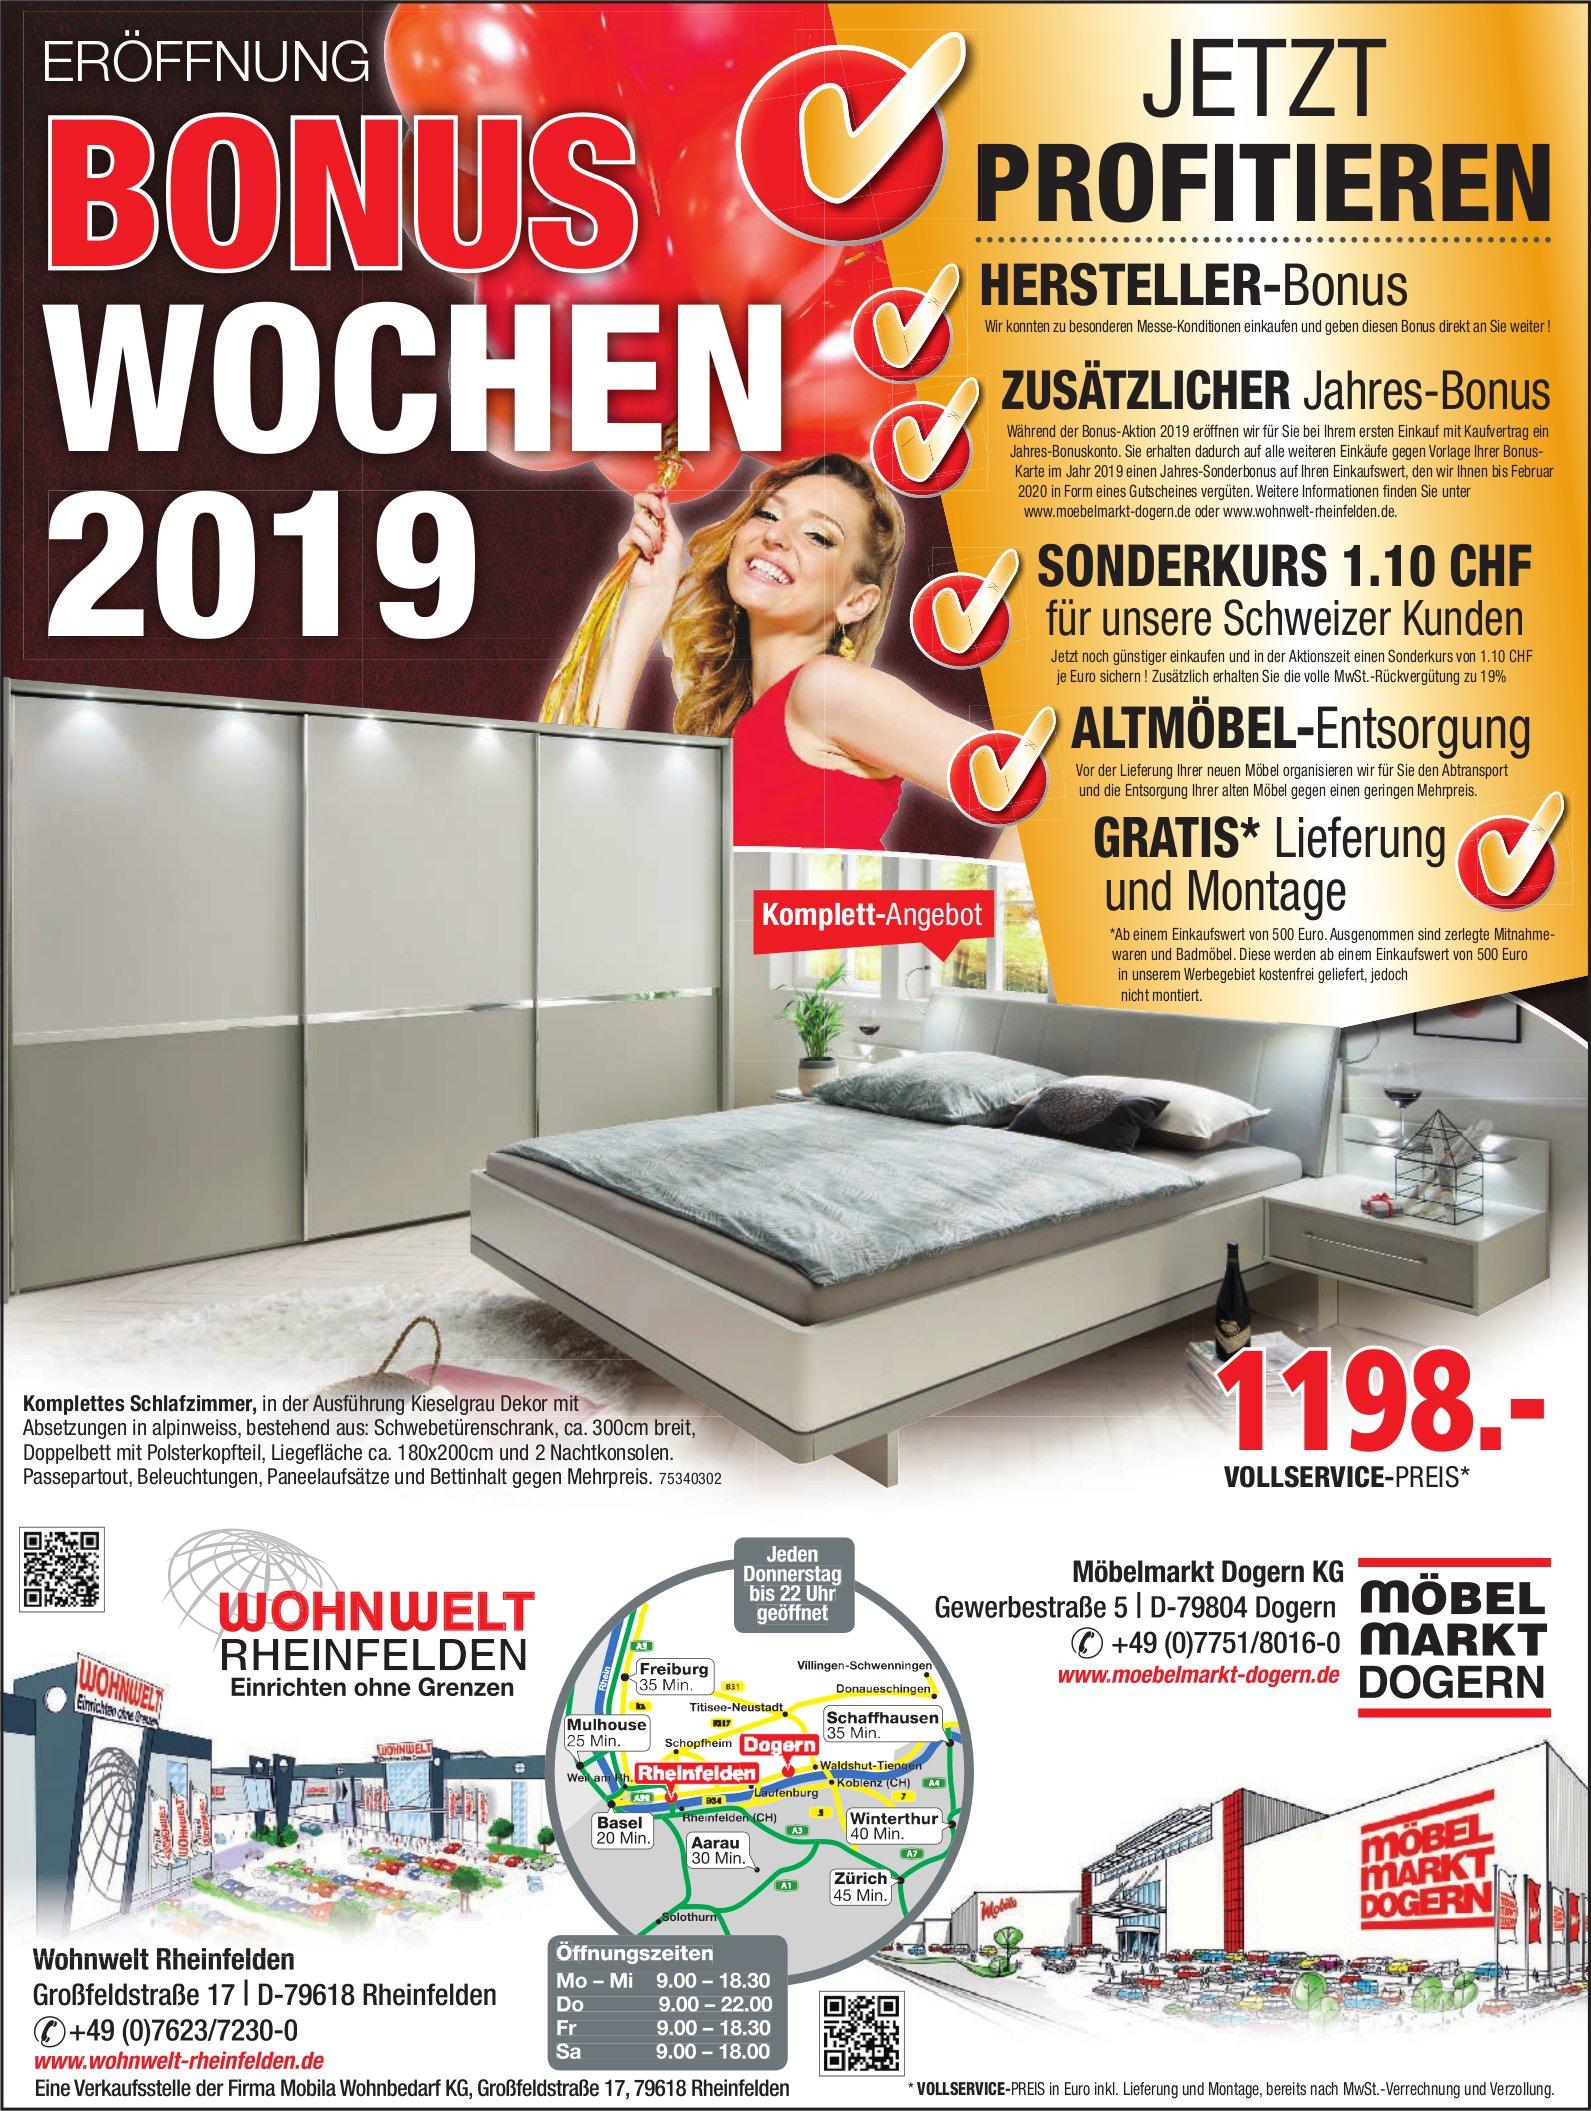 Wohnwelt Rheinfelden Möbelmarkt Dogern Kg Eröffnung Bonus Wochen 2019